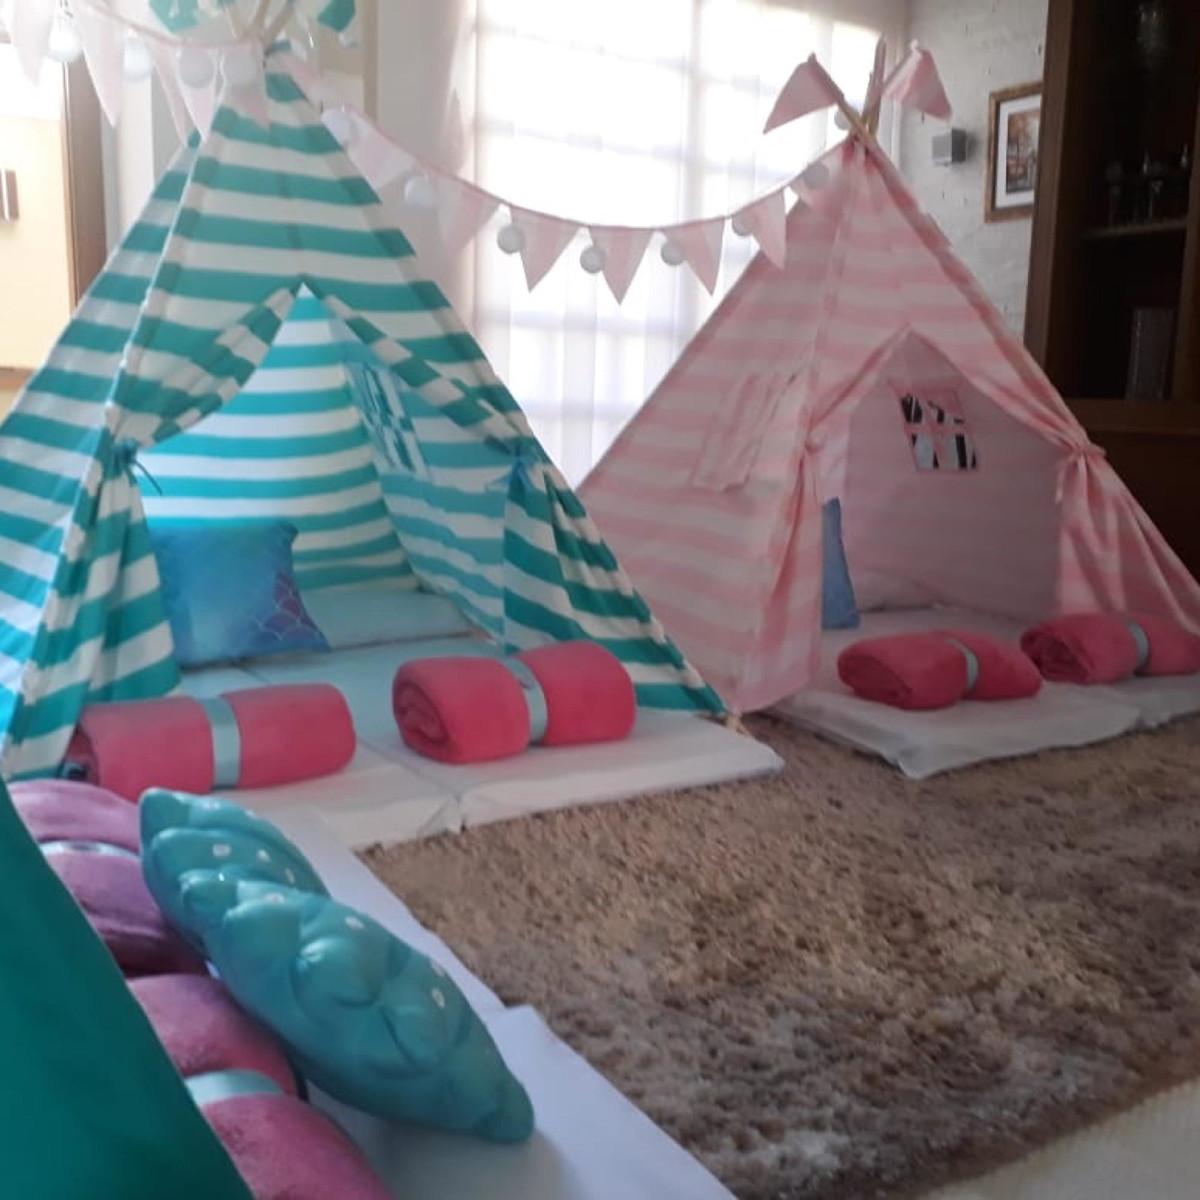 c77a026da Black Friday - Aluguel Festa Completa do Pijama no Elo7